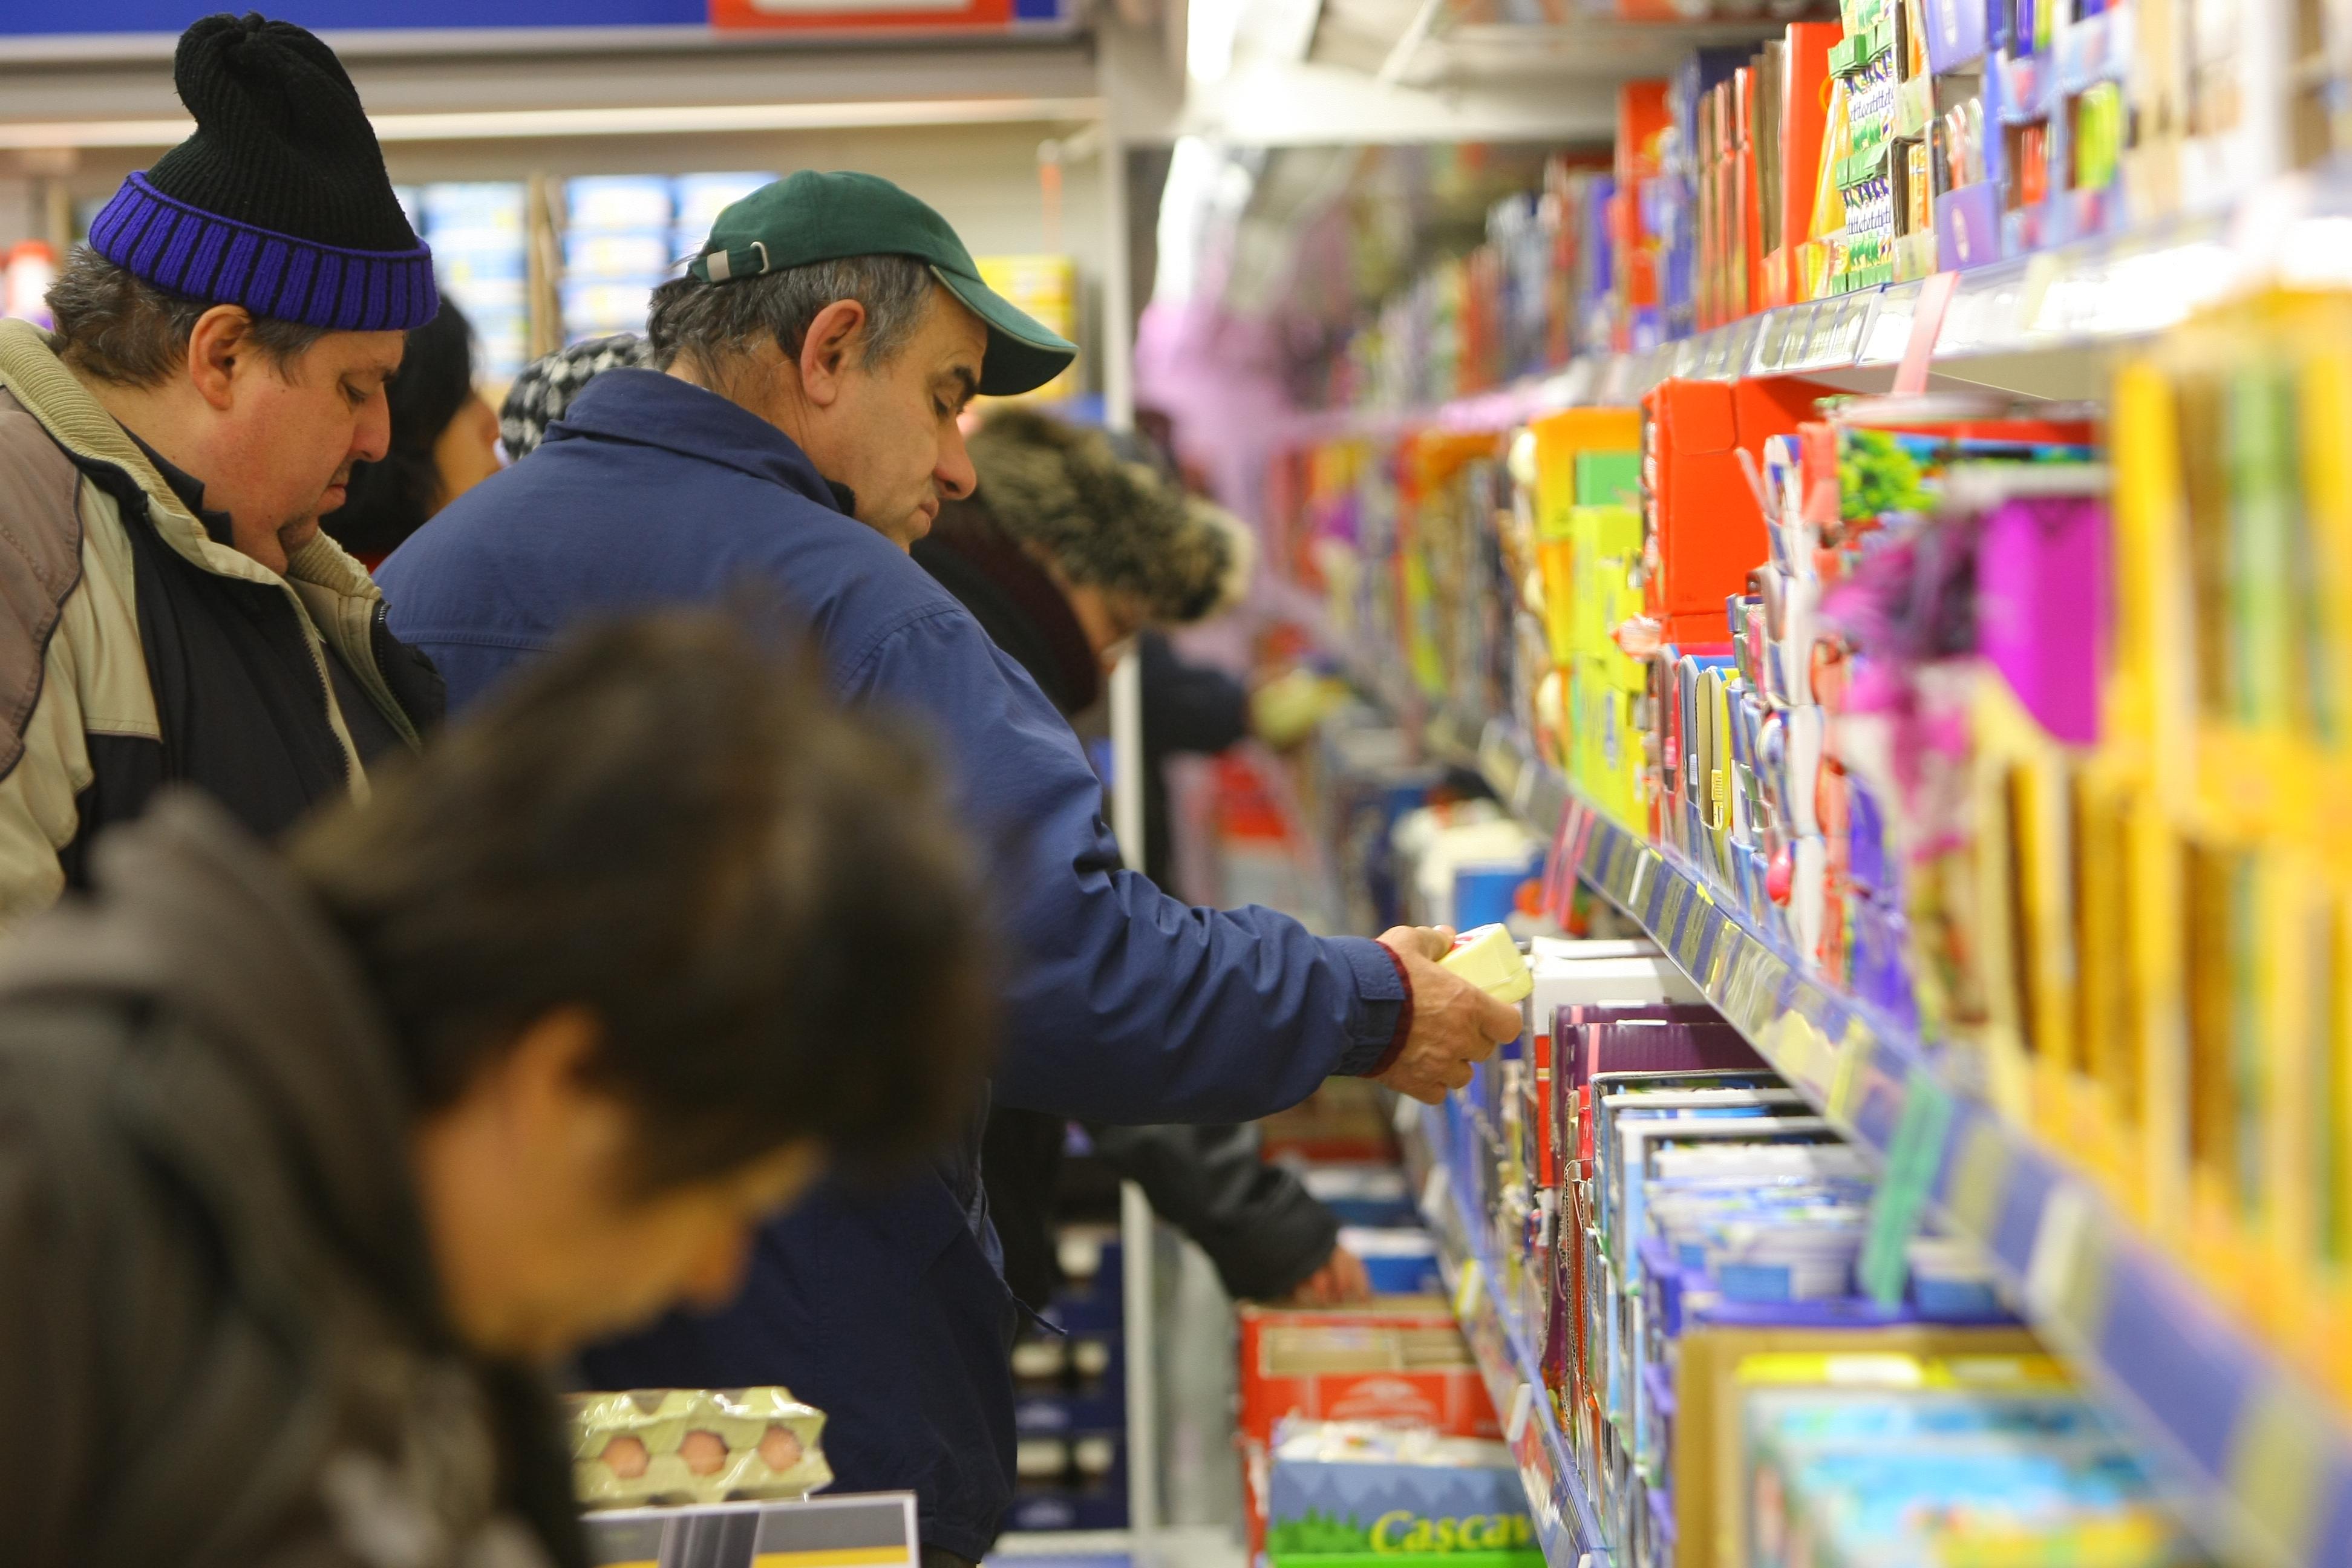 Unde îți faci cumpărăturile? Vezi ce nereguli a găsit Protecția Consumatorilor în marile lanțuri de retail